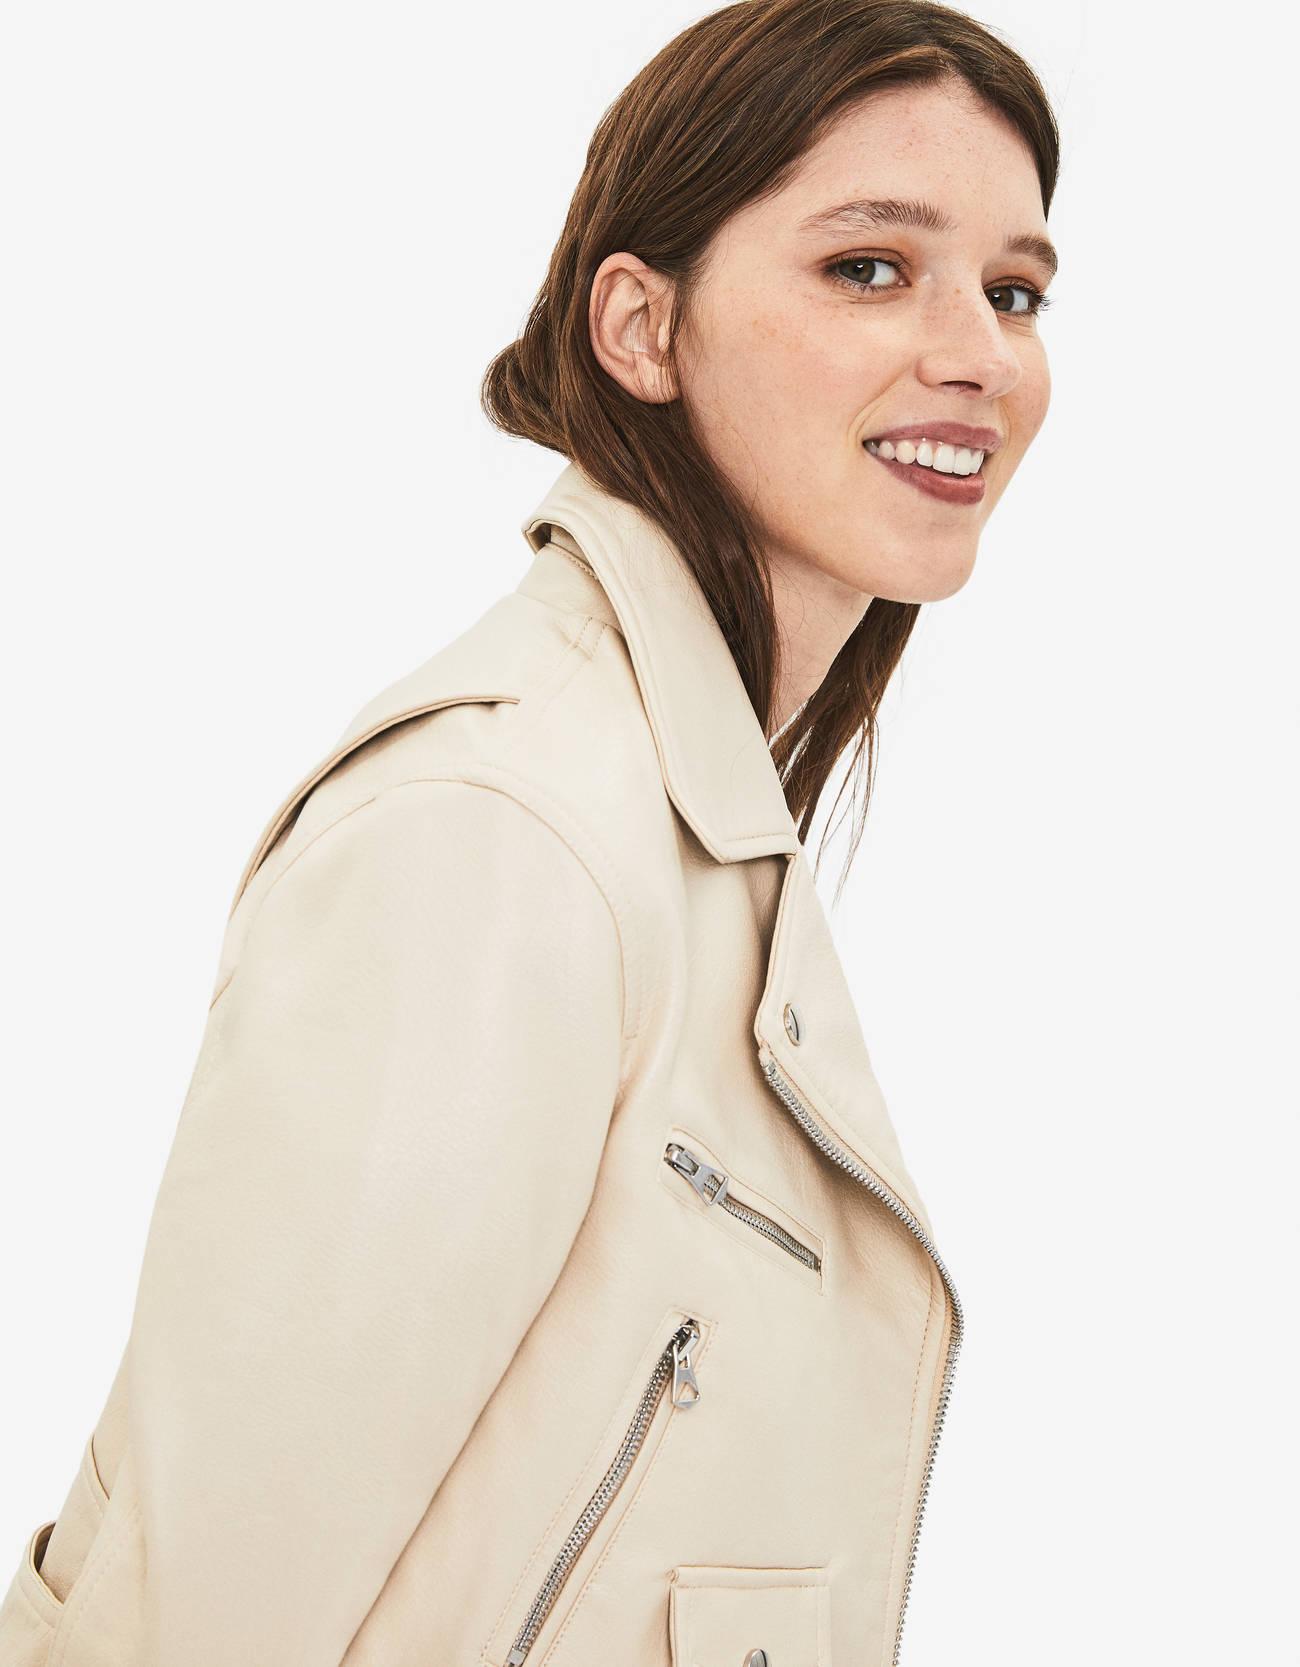 Куртка в байкерском стиле, из искусственной кожи Бежевый Bershka